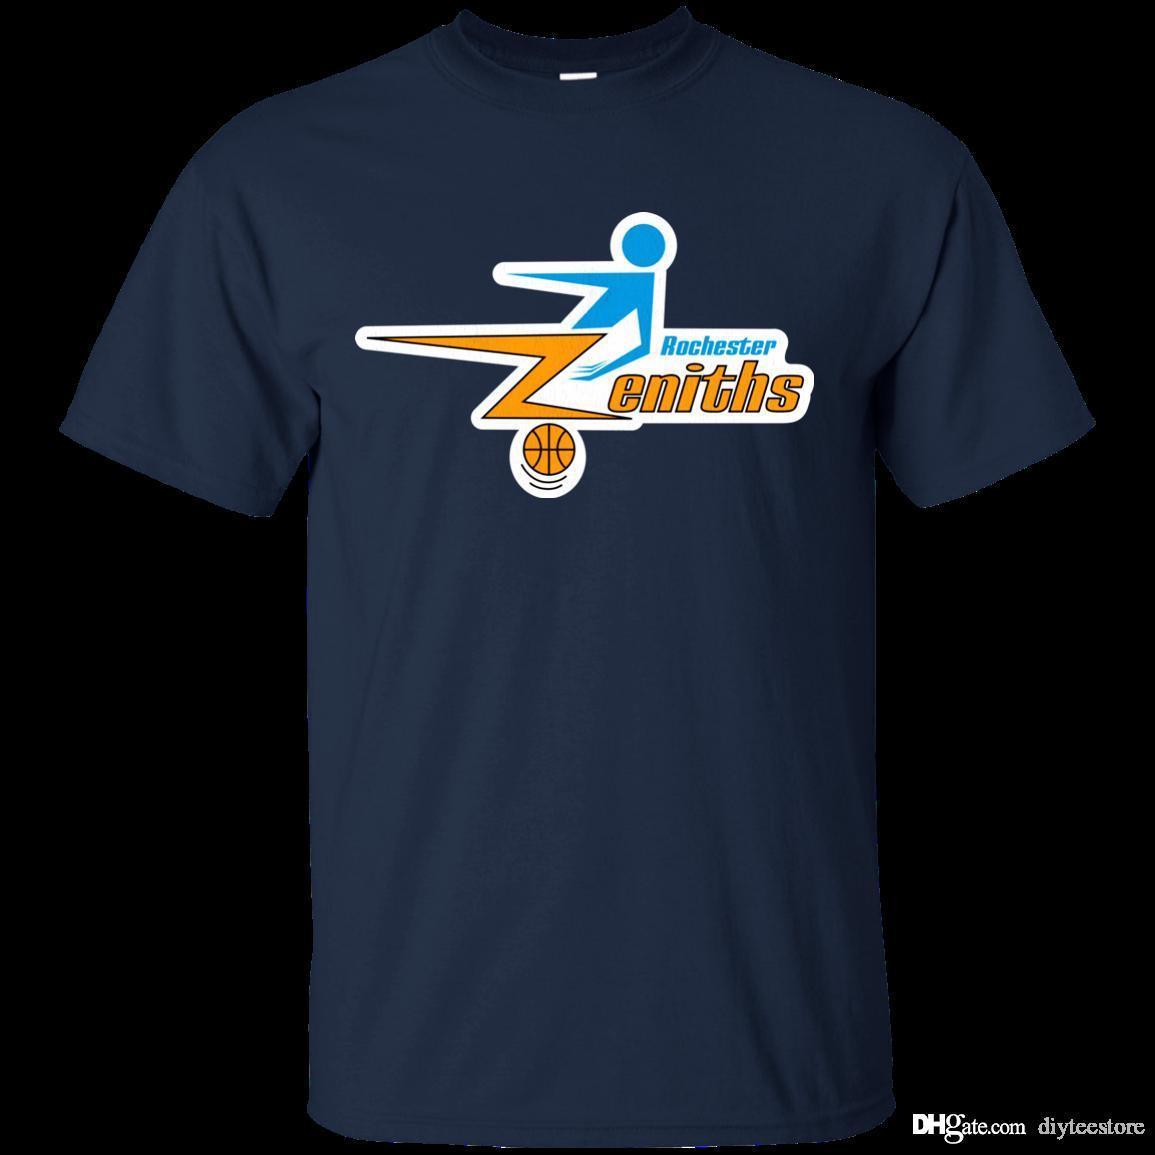 5741eb008b4 Sorry Ce Mec Est Already Taken By A Super Élégant & Sexy Finnois Fille T  Shirt T Shirt Men Boy Print Short Sleeve Crewneck Cotton Plus Size